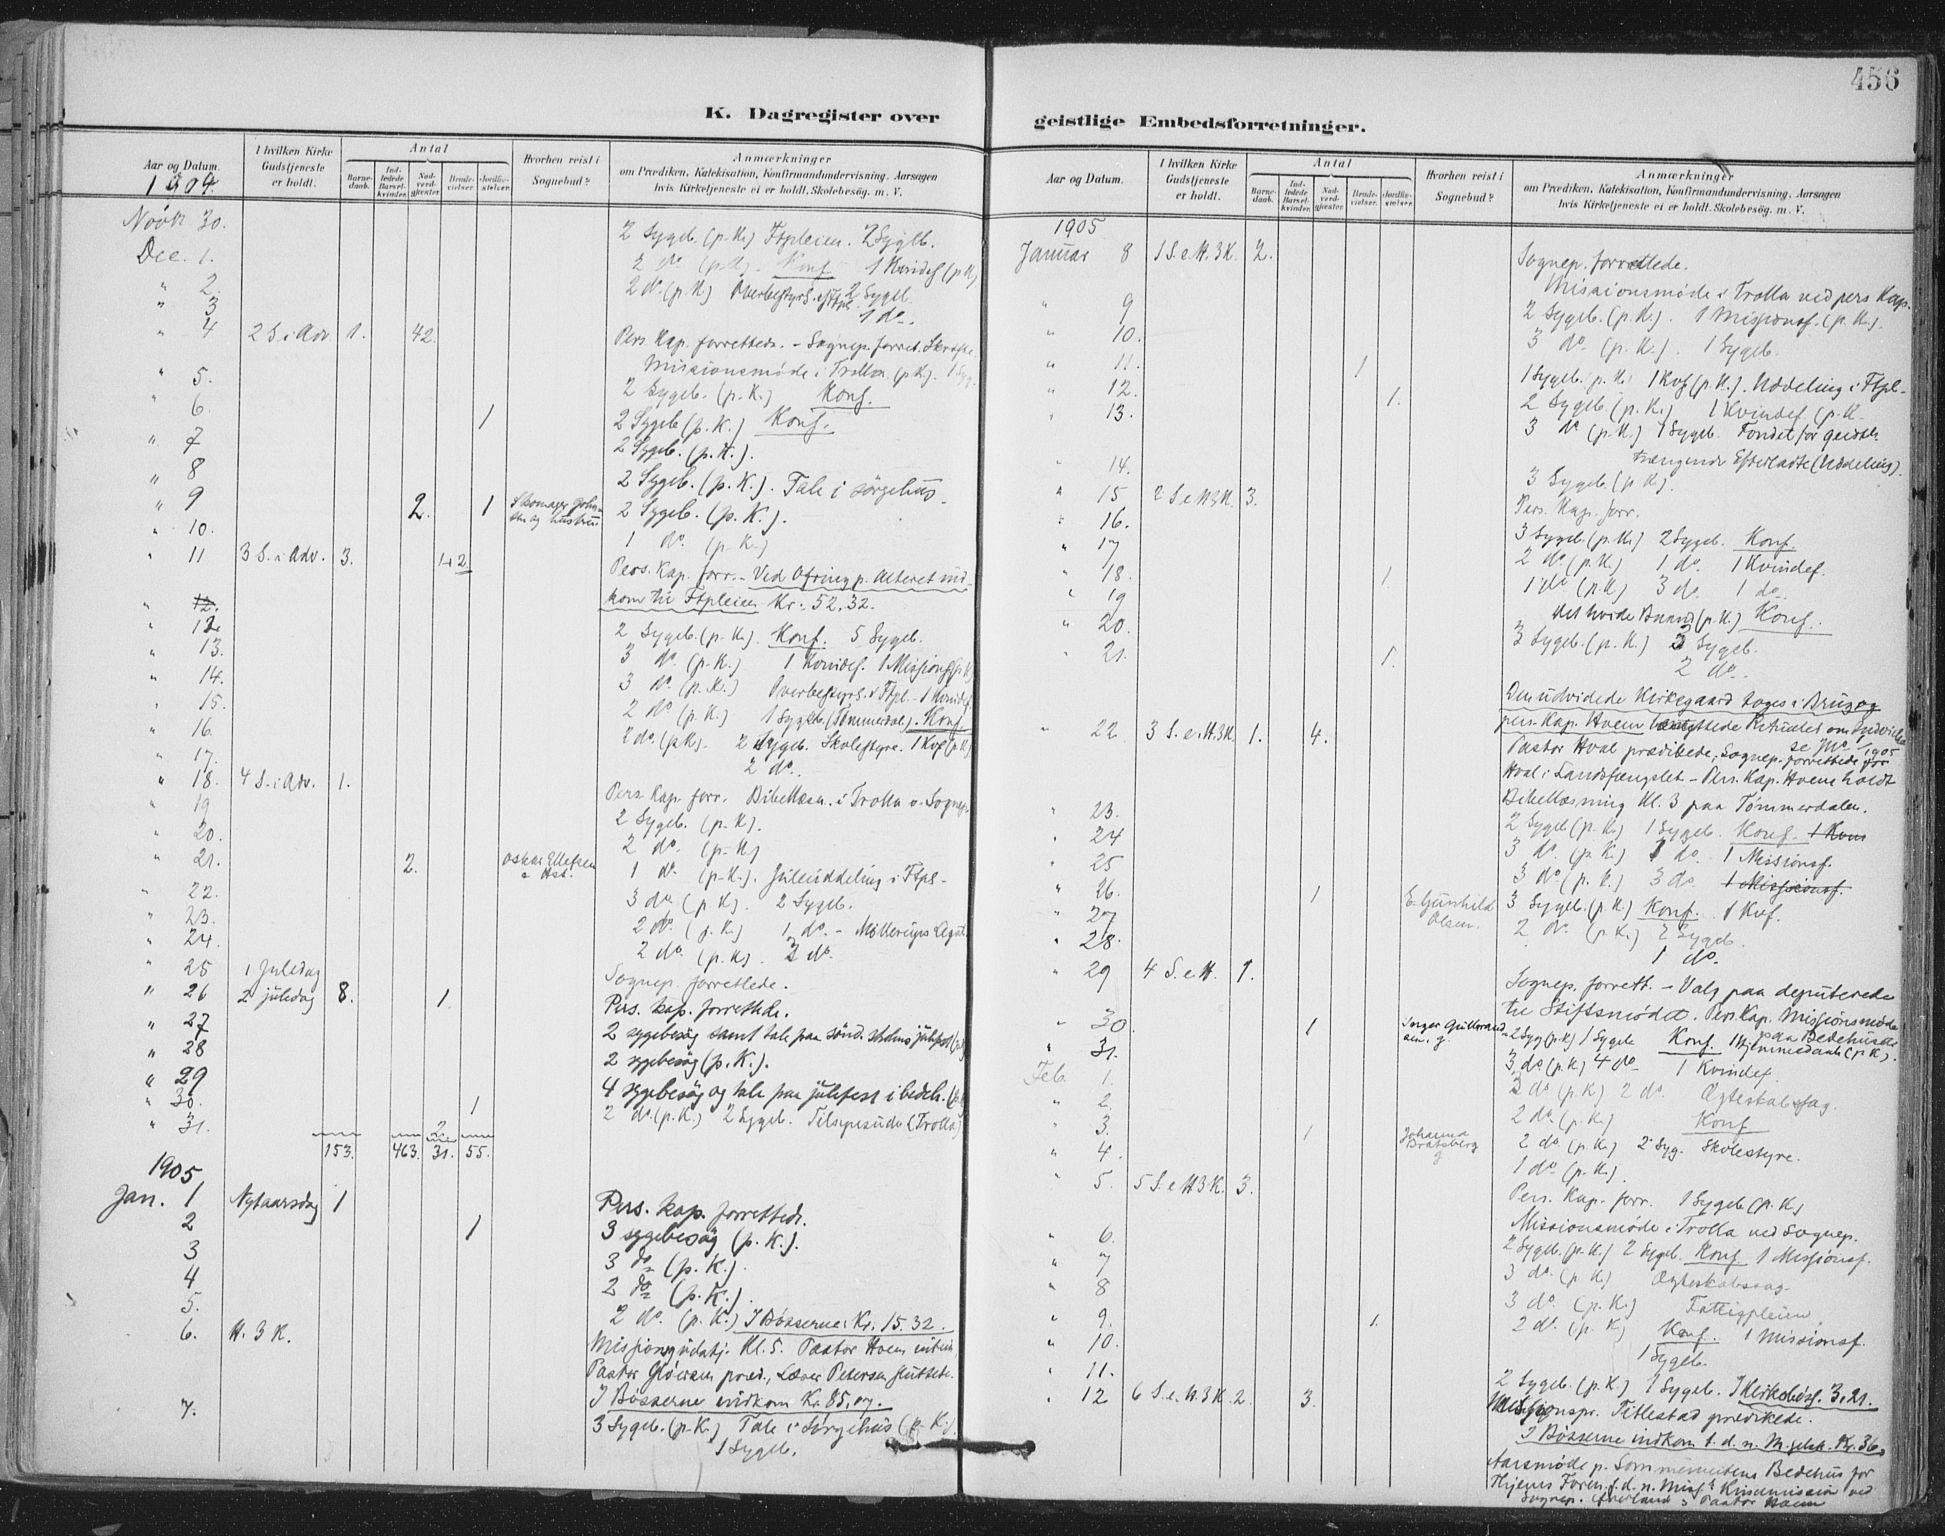 SAT, Ministerialprotokoller, klokkerbøker og fødselsregistre - Sør-Trøndelag, 603/L0167: Ministerialbok nr. 603A06, 1896-1932, s. 456